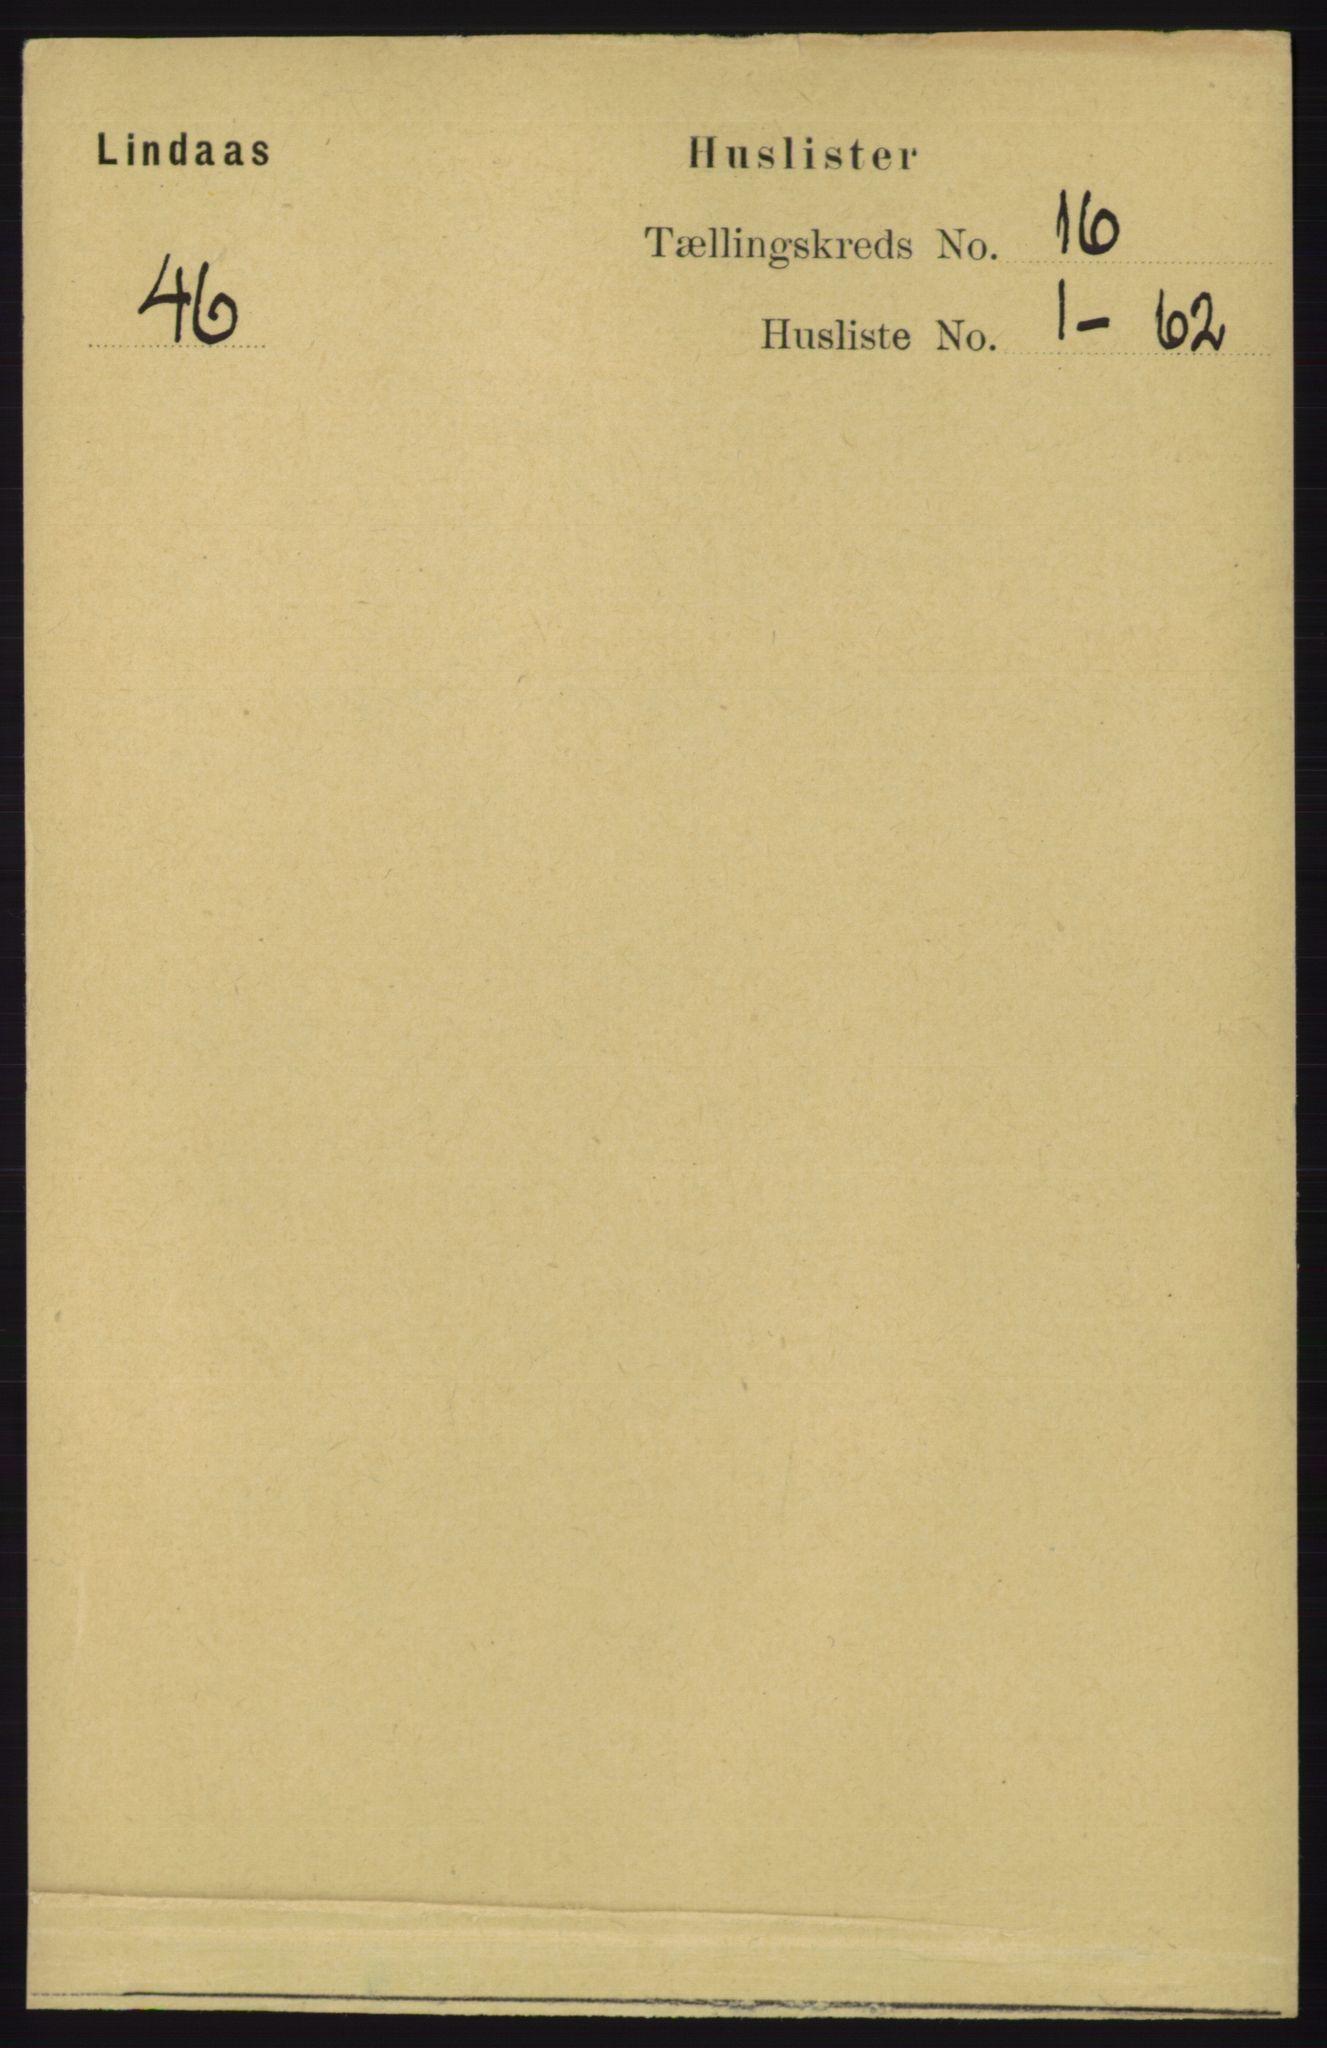 RA, Folketelling 1891 for 1263 Lindås herred, 1891, s. 5640